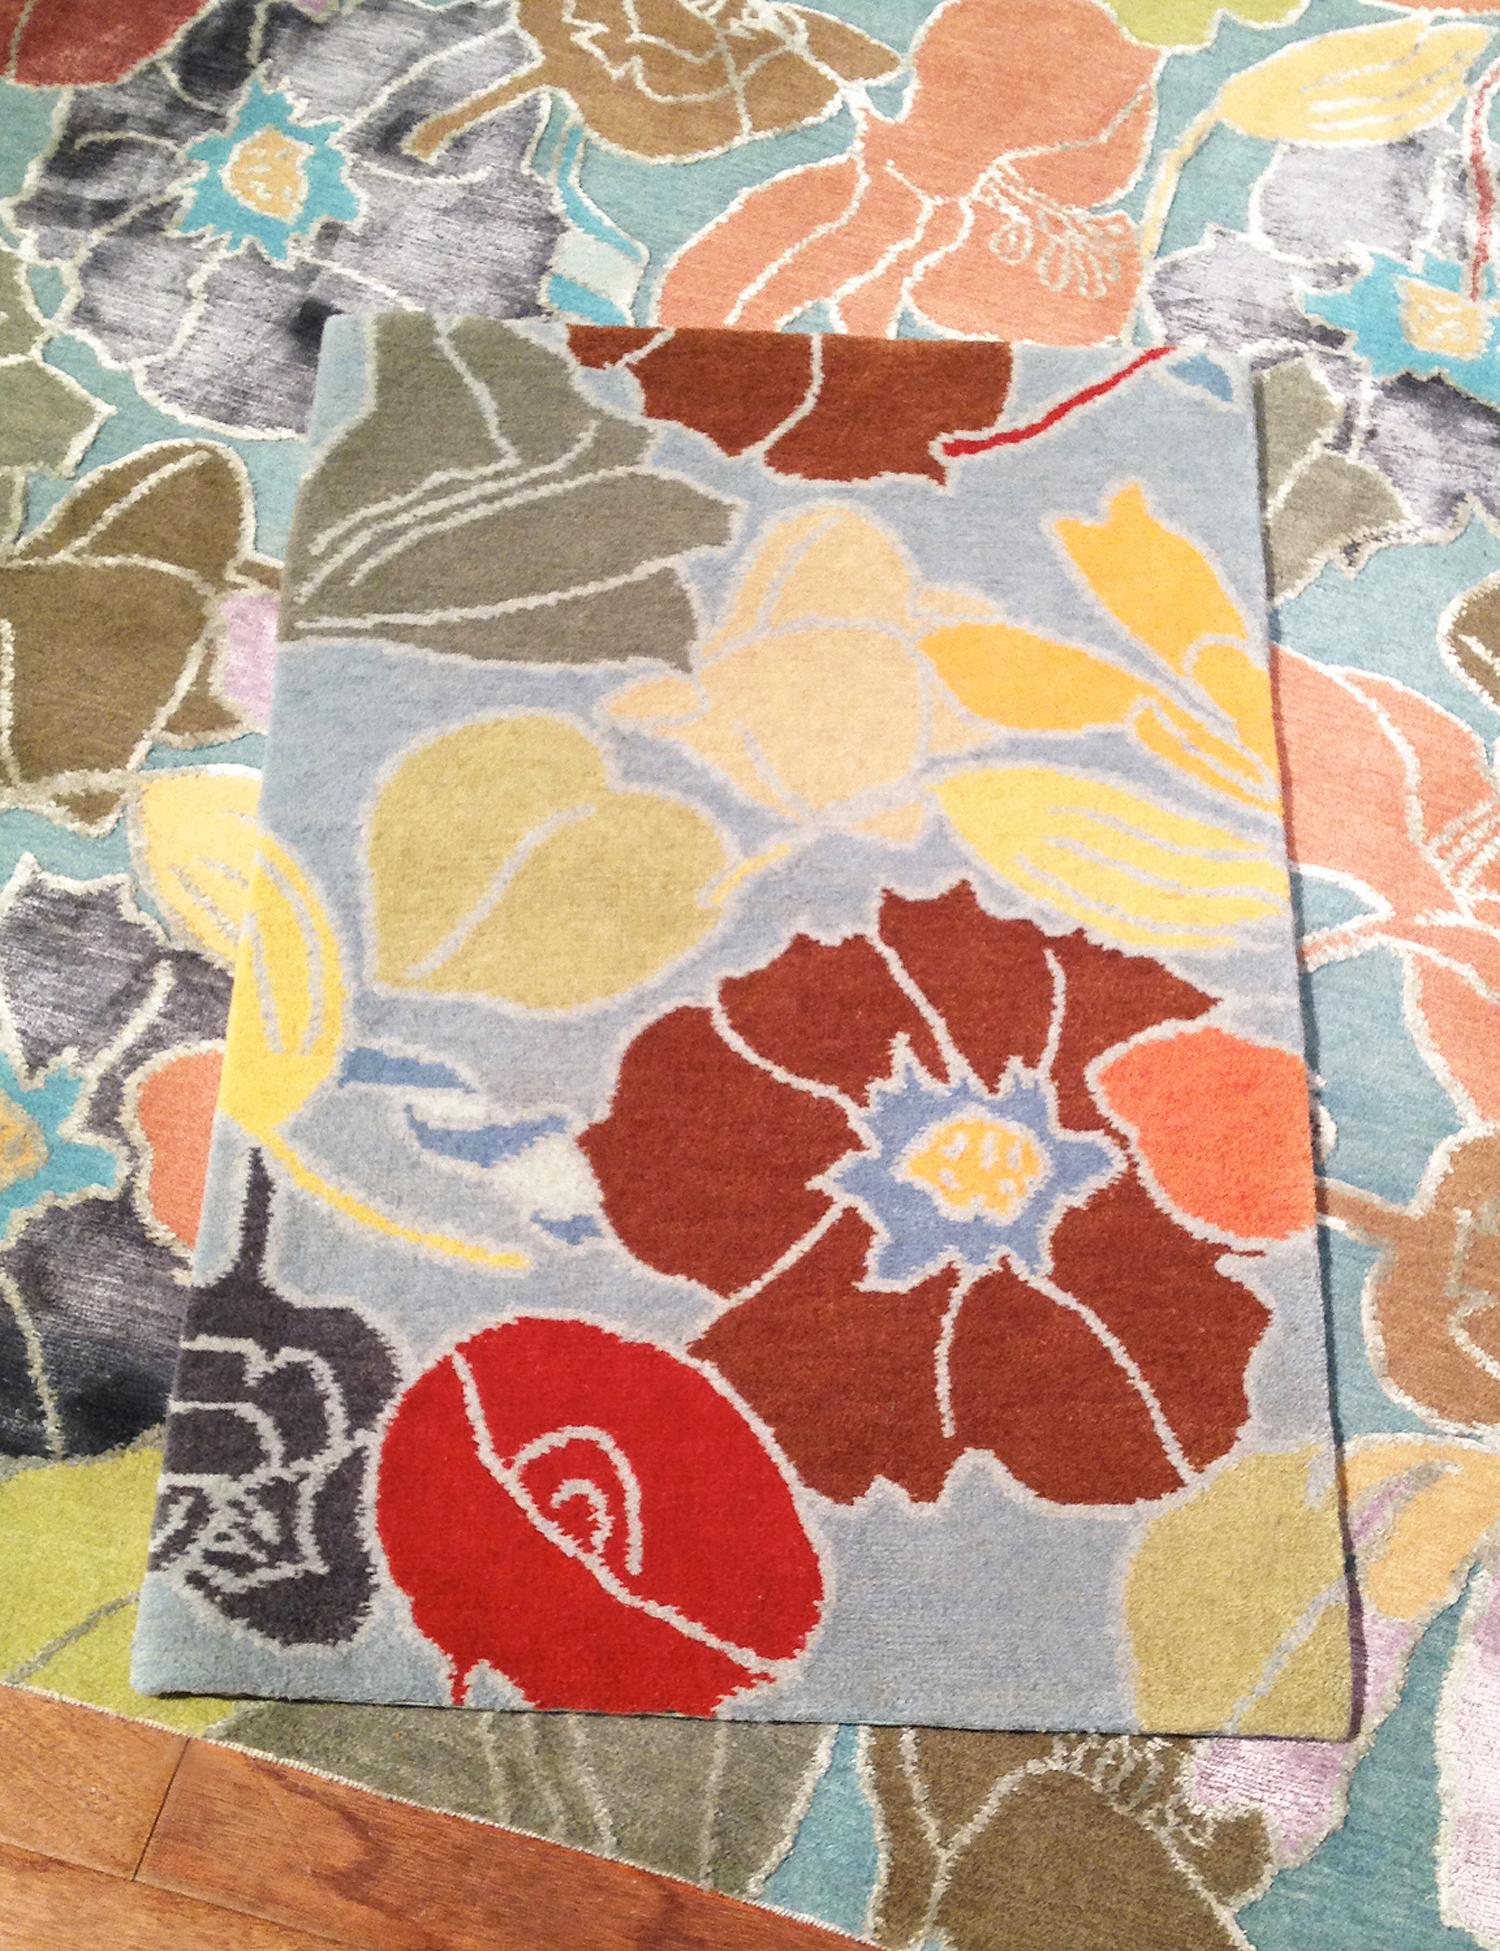 Best Flower rug, Milton Glaser for Lapchi